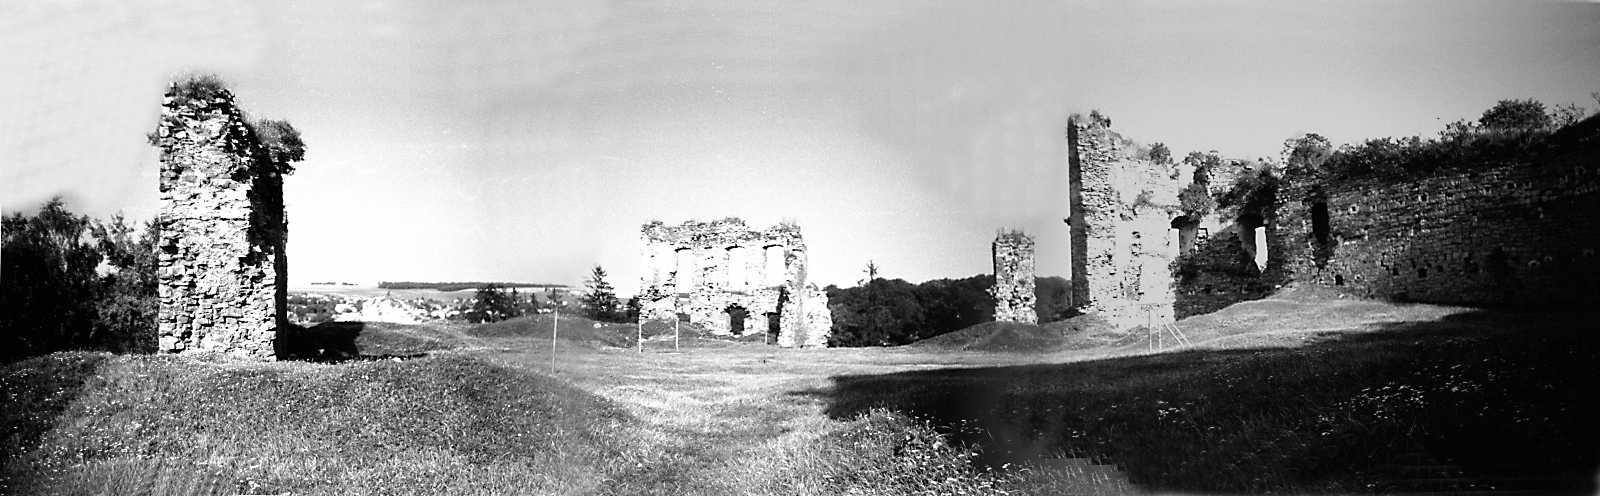 1991 р. Панорама двора із заходу